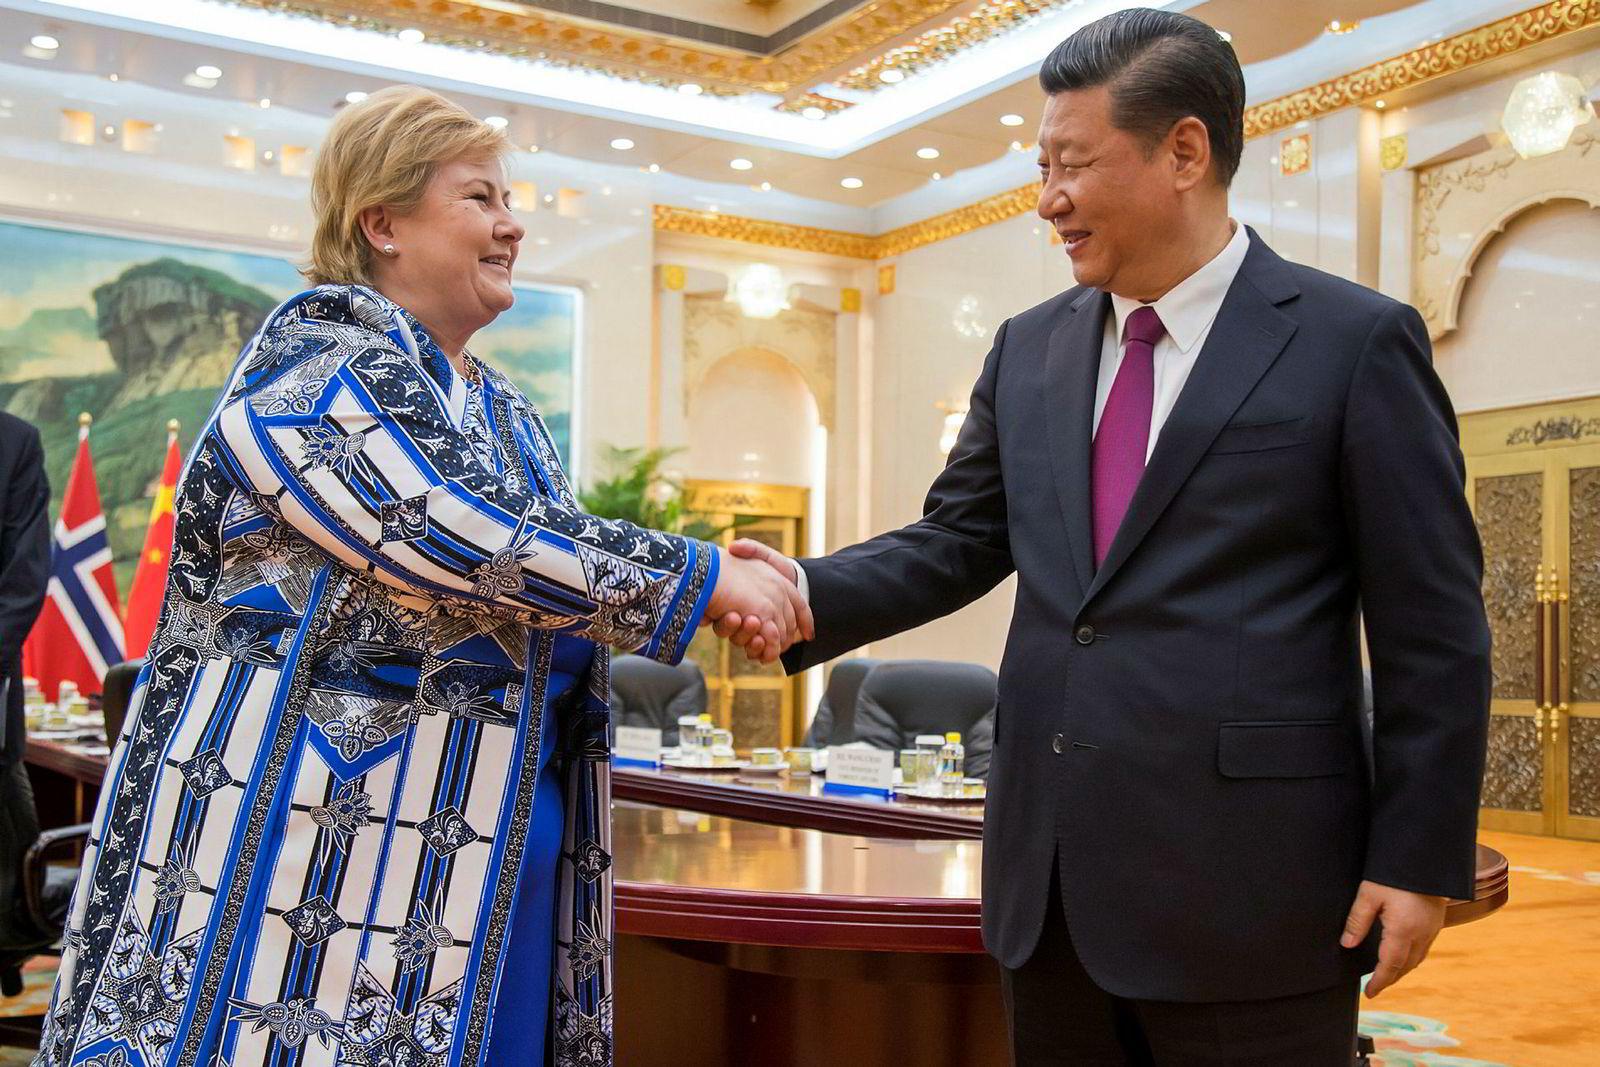 Om lag 240 representanter fra norsk næringsliv da statsminister Erna Solberg (H) besøkte Kina og president Xi Jinping i 2010.